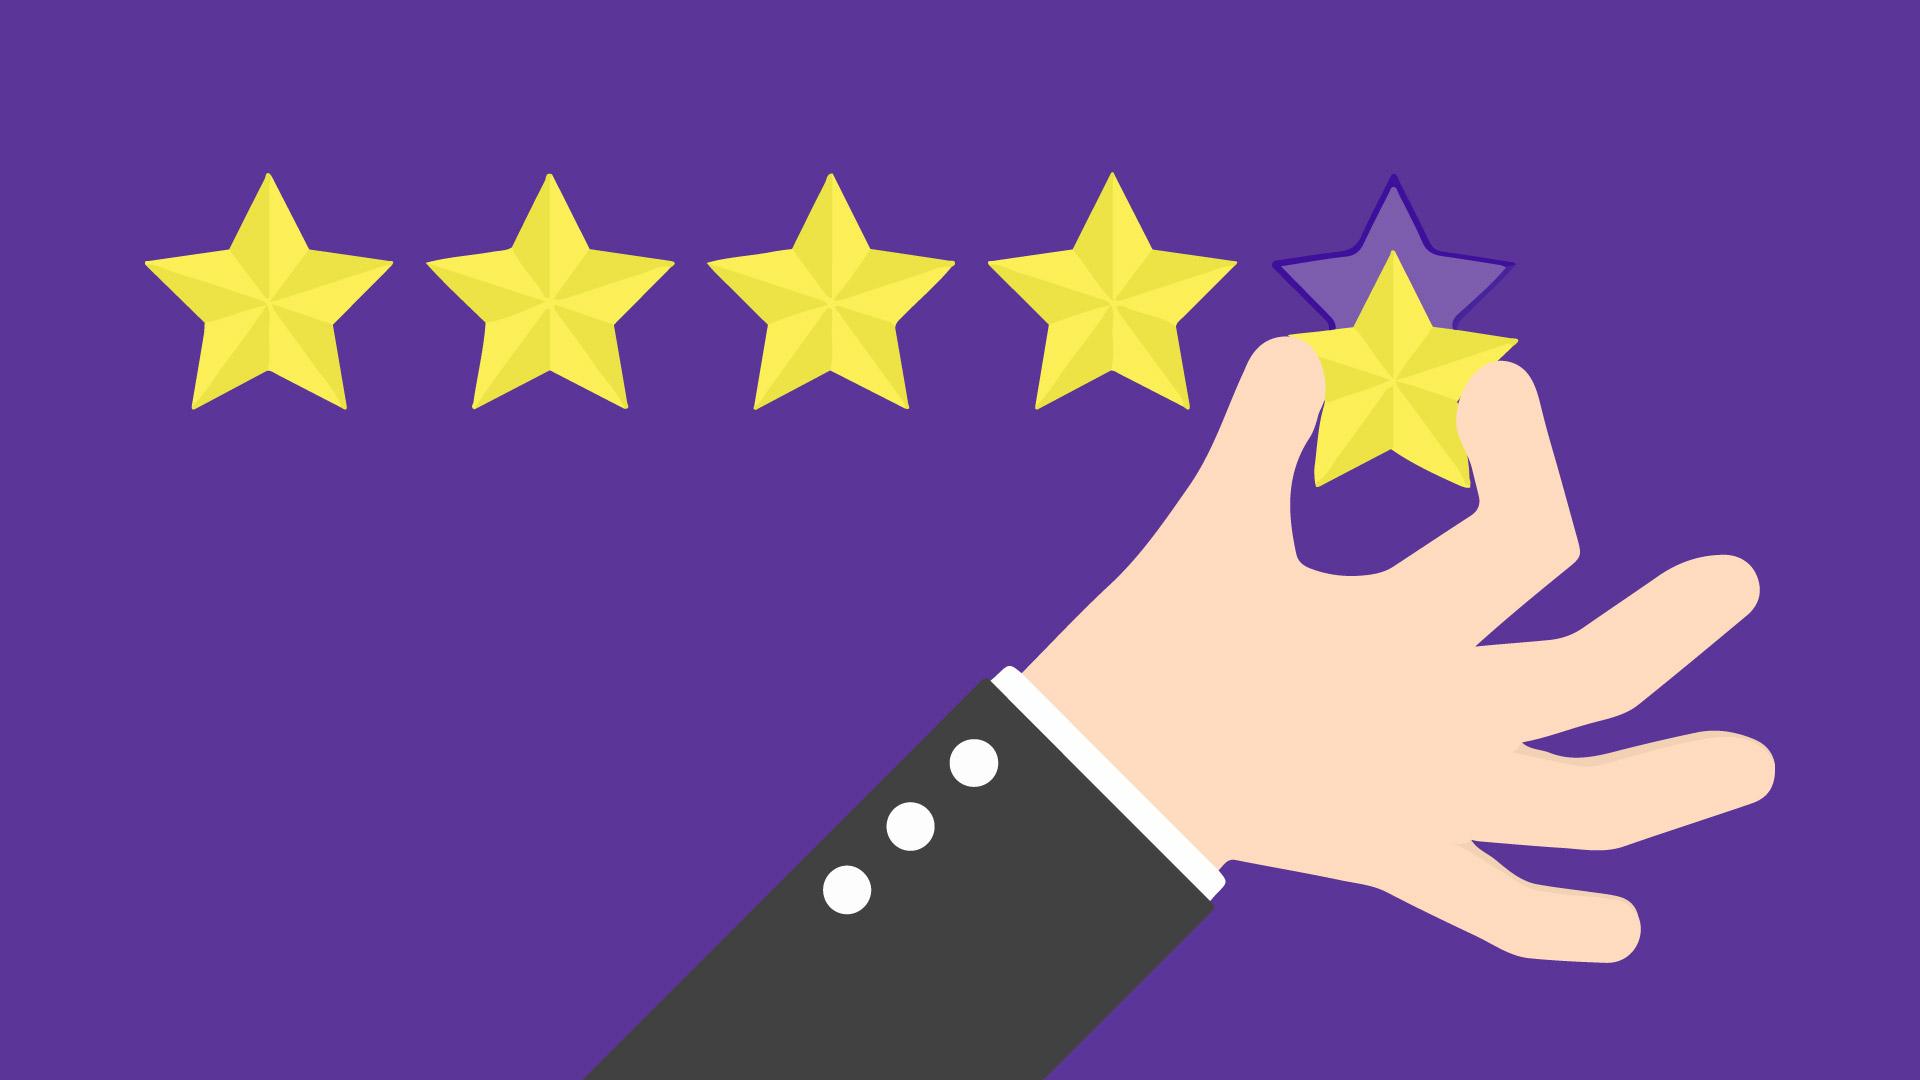 certificado ssl melhora confiança